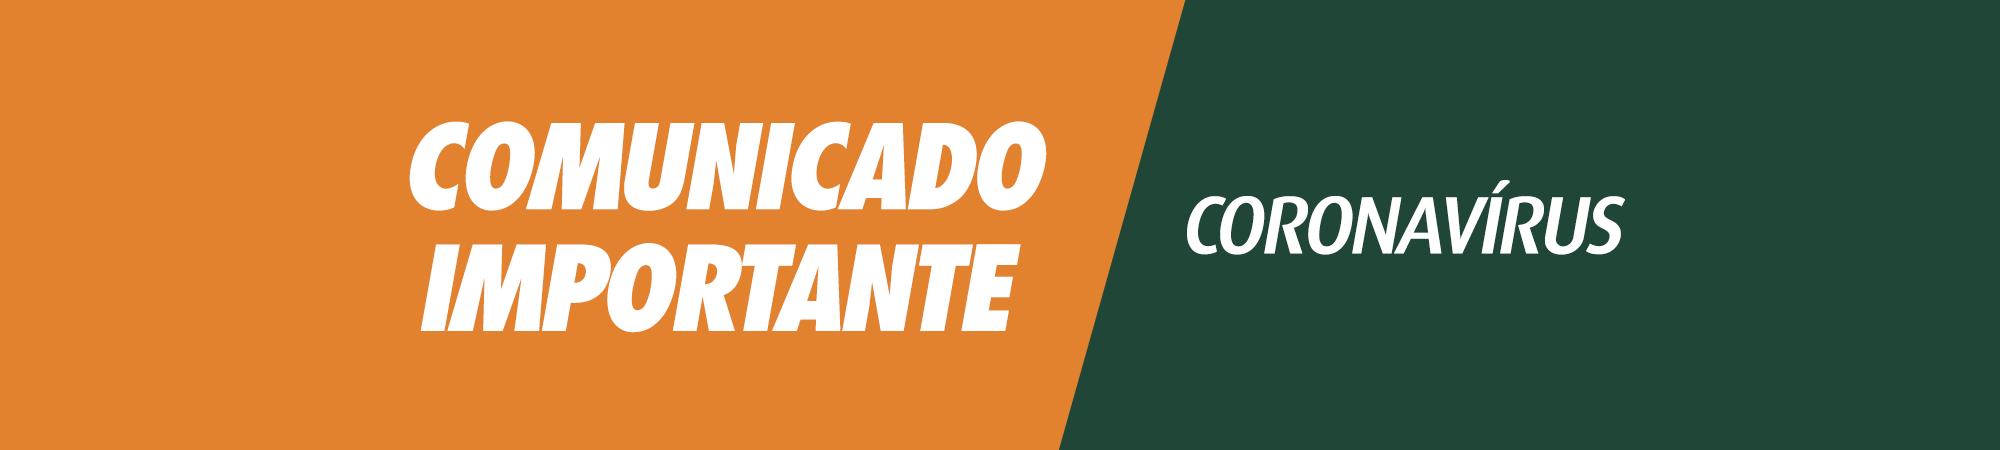 banner_corona